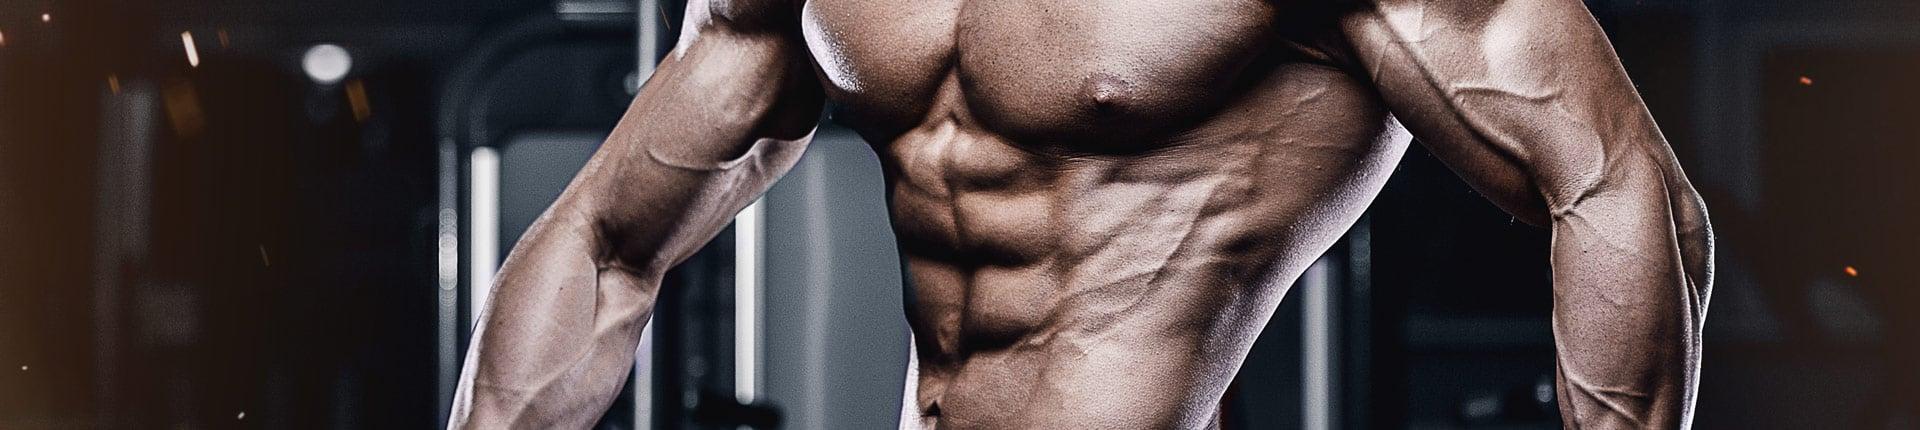 Mięśnie zębate, jak je trenować?